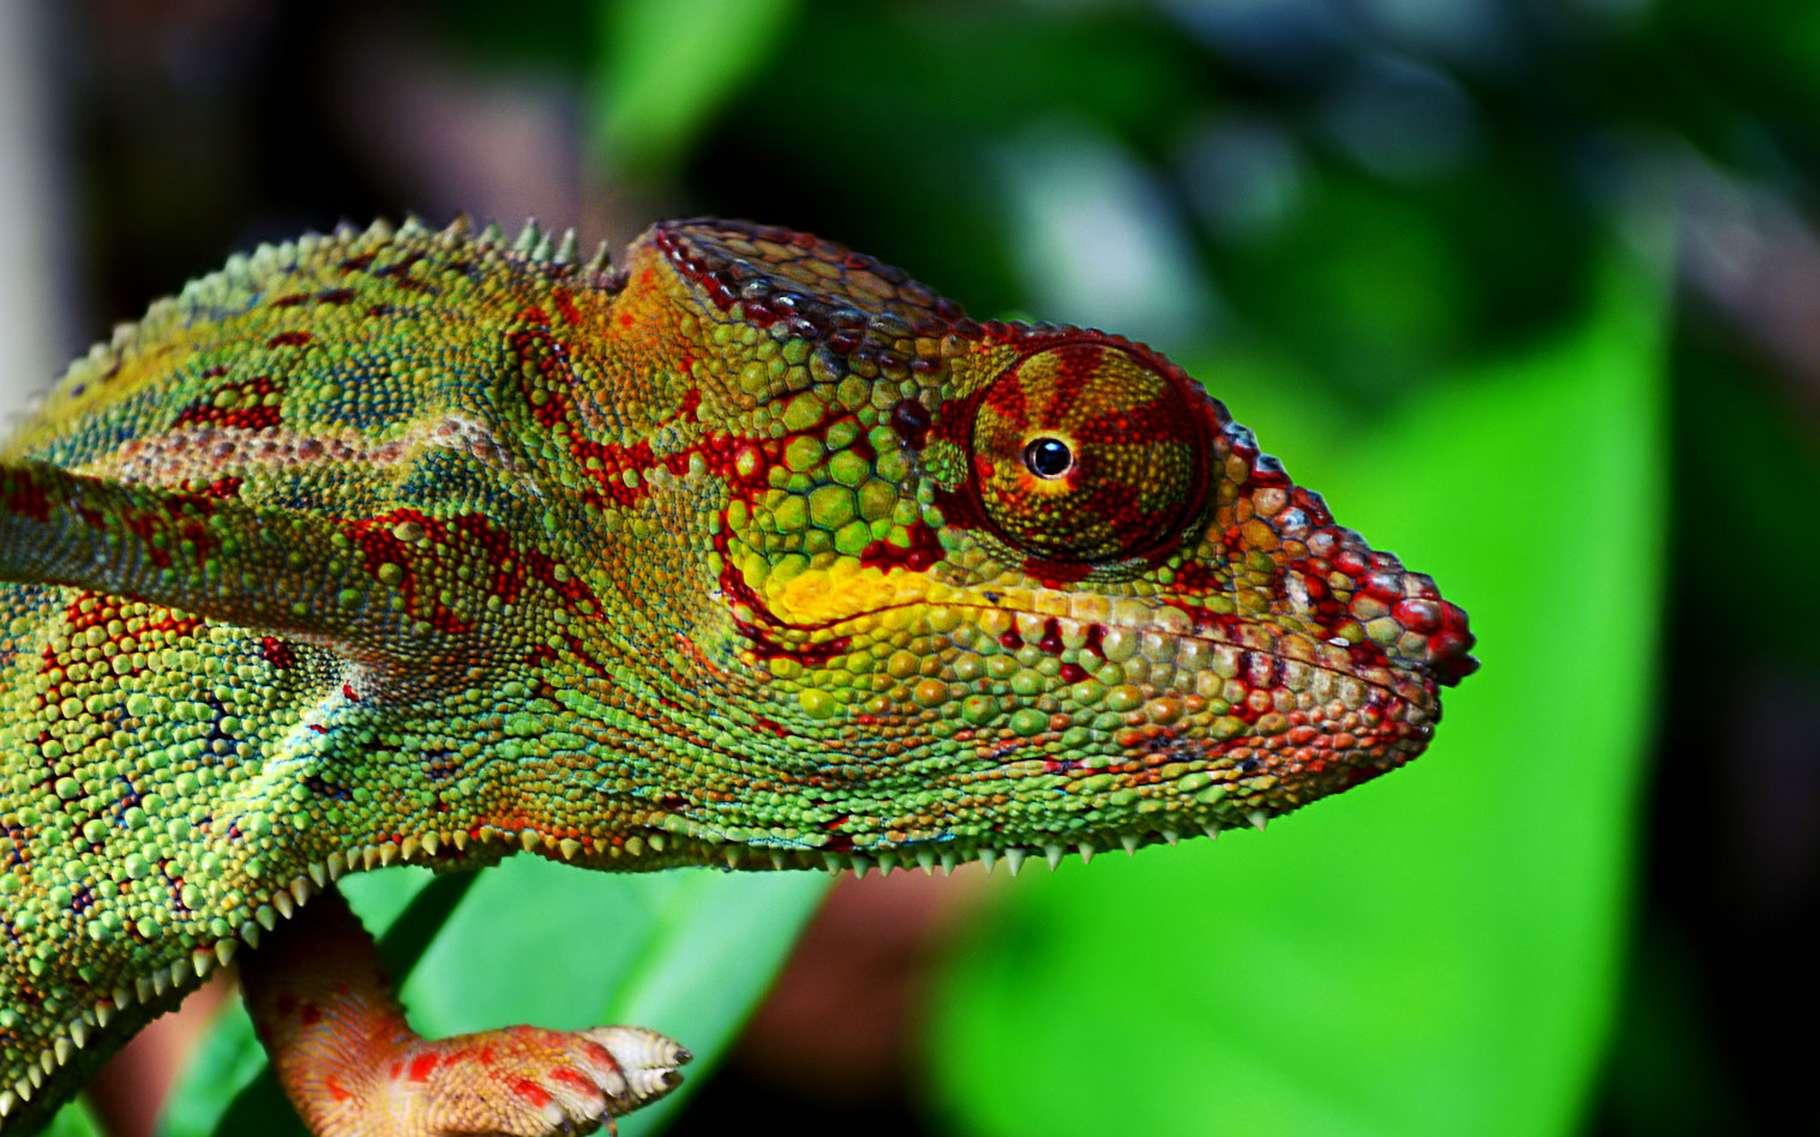 Connu sous le nom d'Endormi à la Réunion, le caméléon-panthère est une espèce que l'on retrouve dans de nombreux espaces naturels protégés par l'Unesco.© JahneH, CC by-sa 4.0